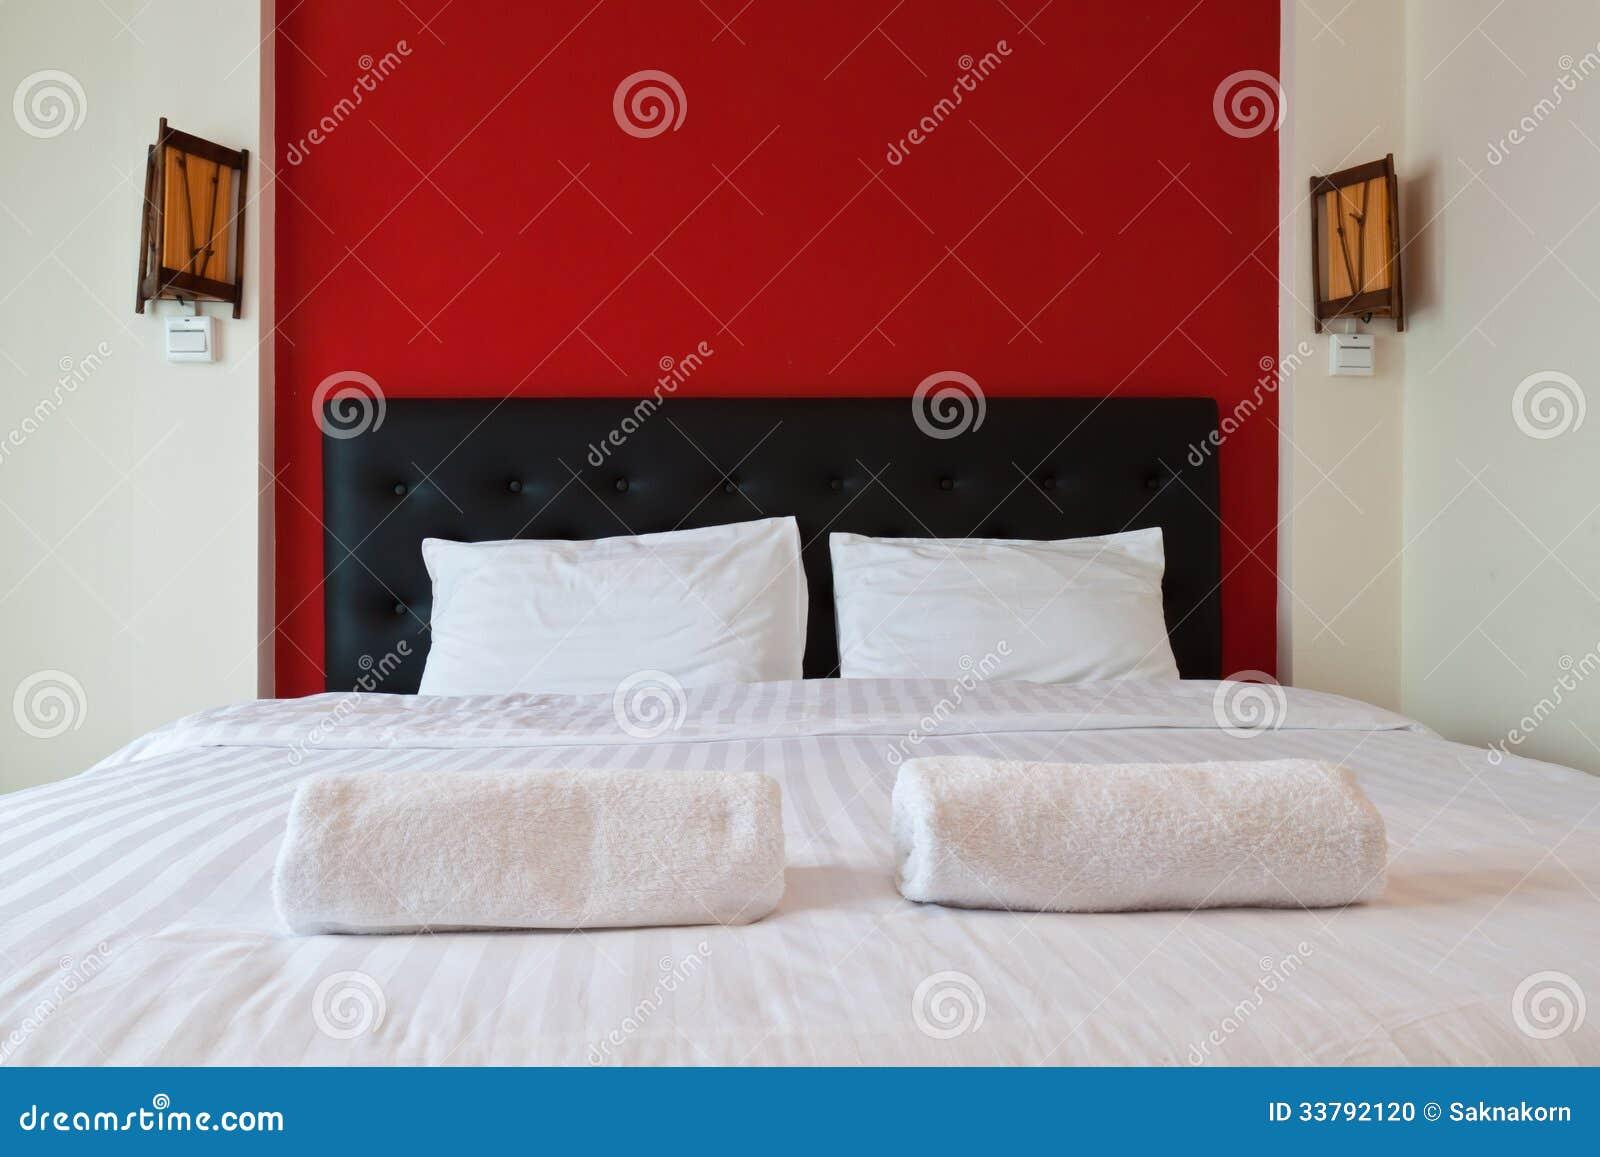 Slaapkamer met rode muur, handdoek op het bed. stock foto ...